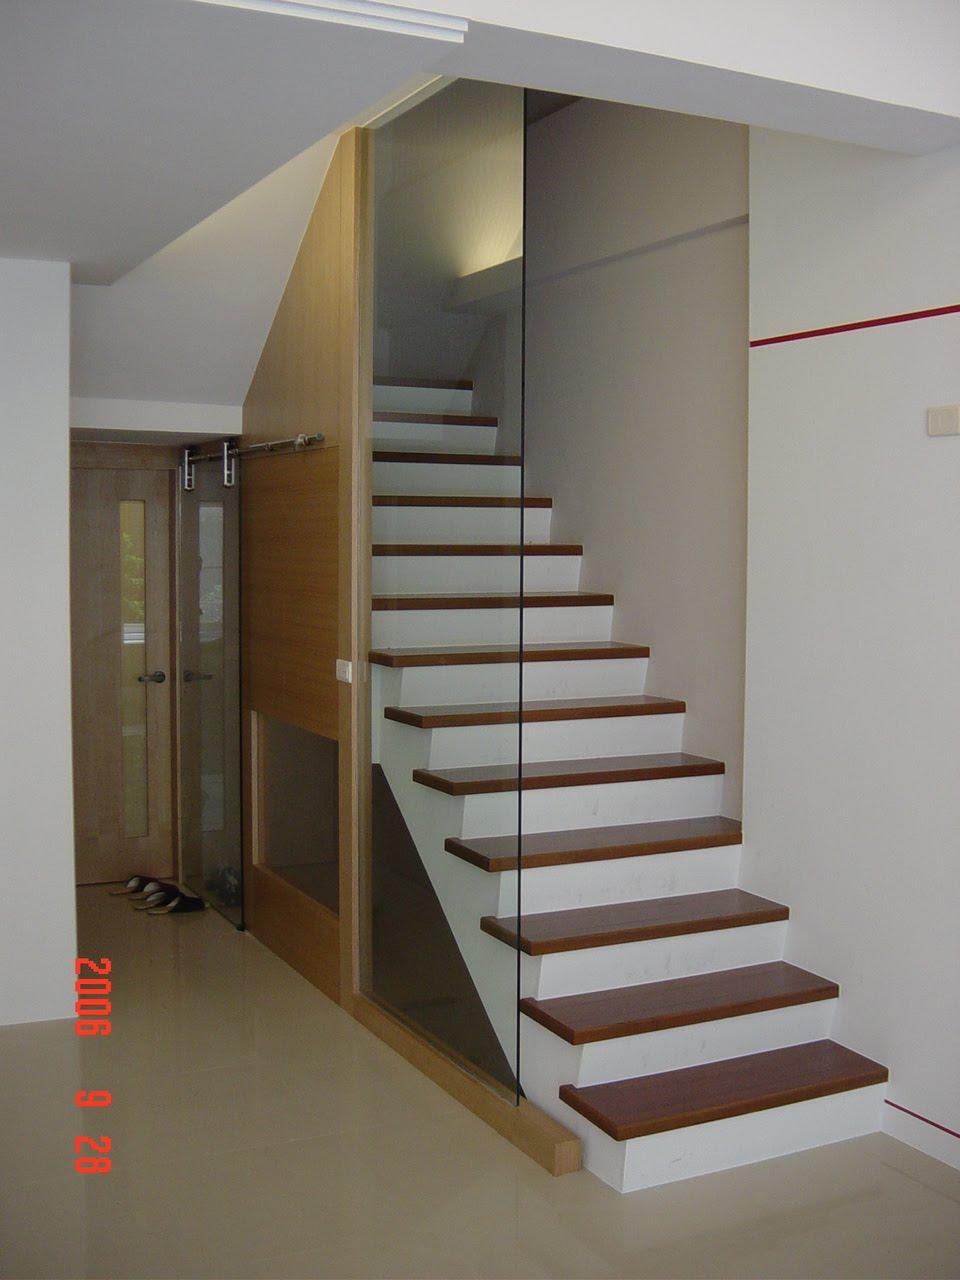 浩鼎室內裝修: 樓梯欄桿也以有點變化